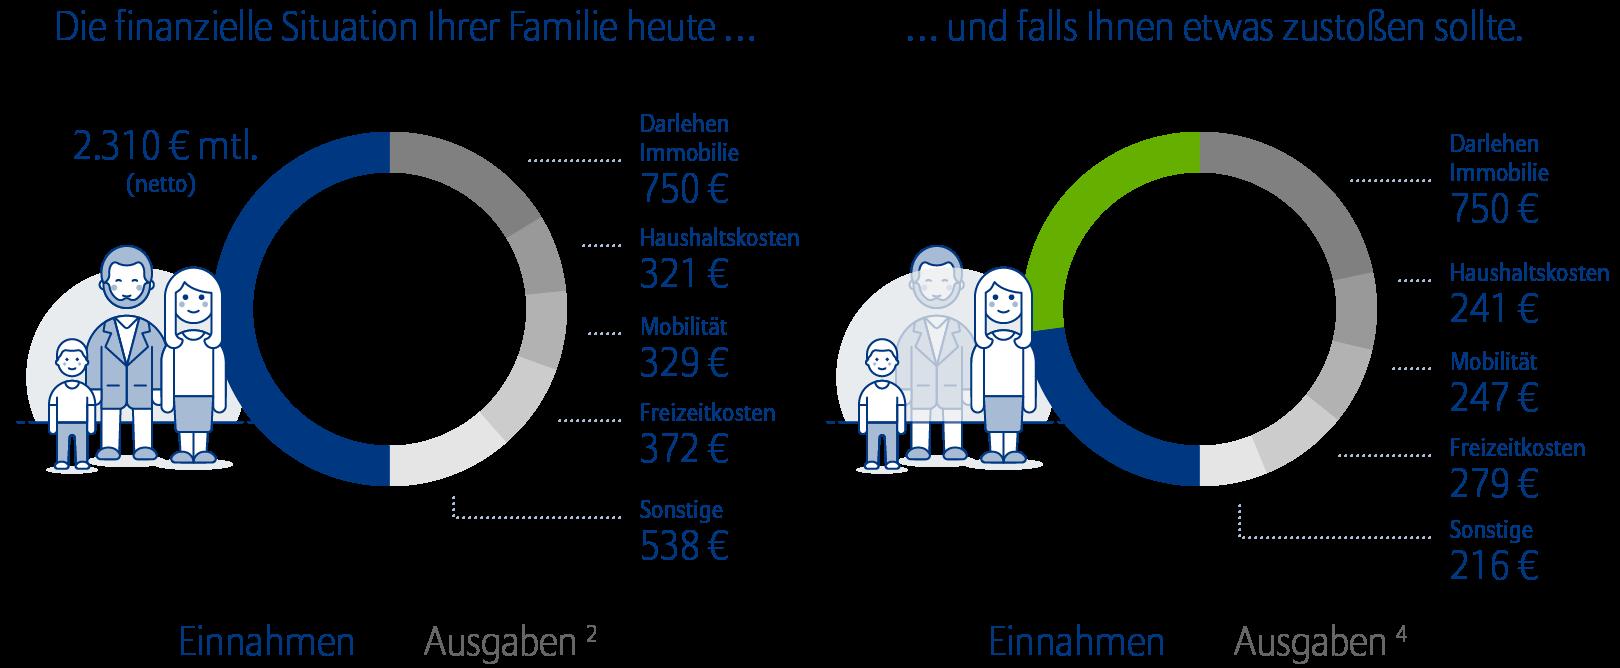 Private Rentenversicherung für hohe Standards im Alter. Dank Allianz Rentenversicherung die Rentenlücke schließen. Allianz Kundler Berlin